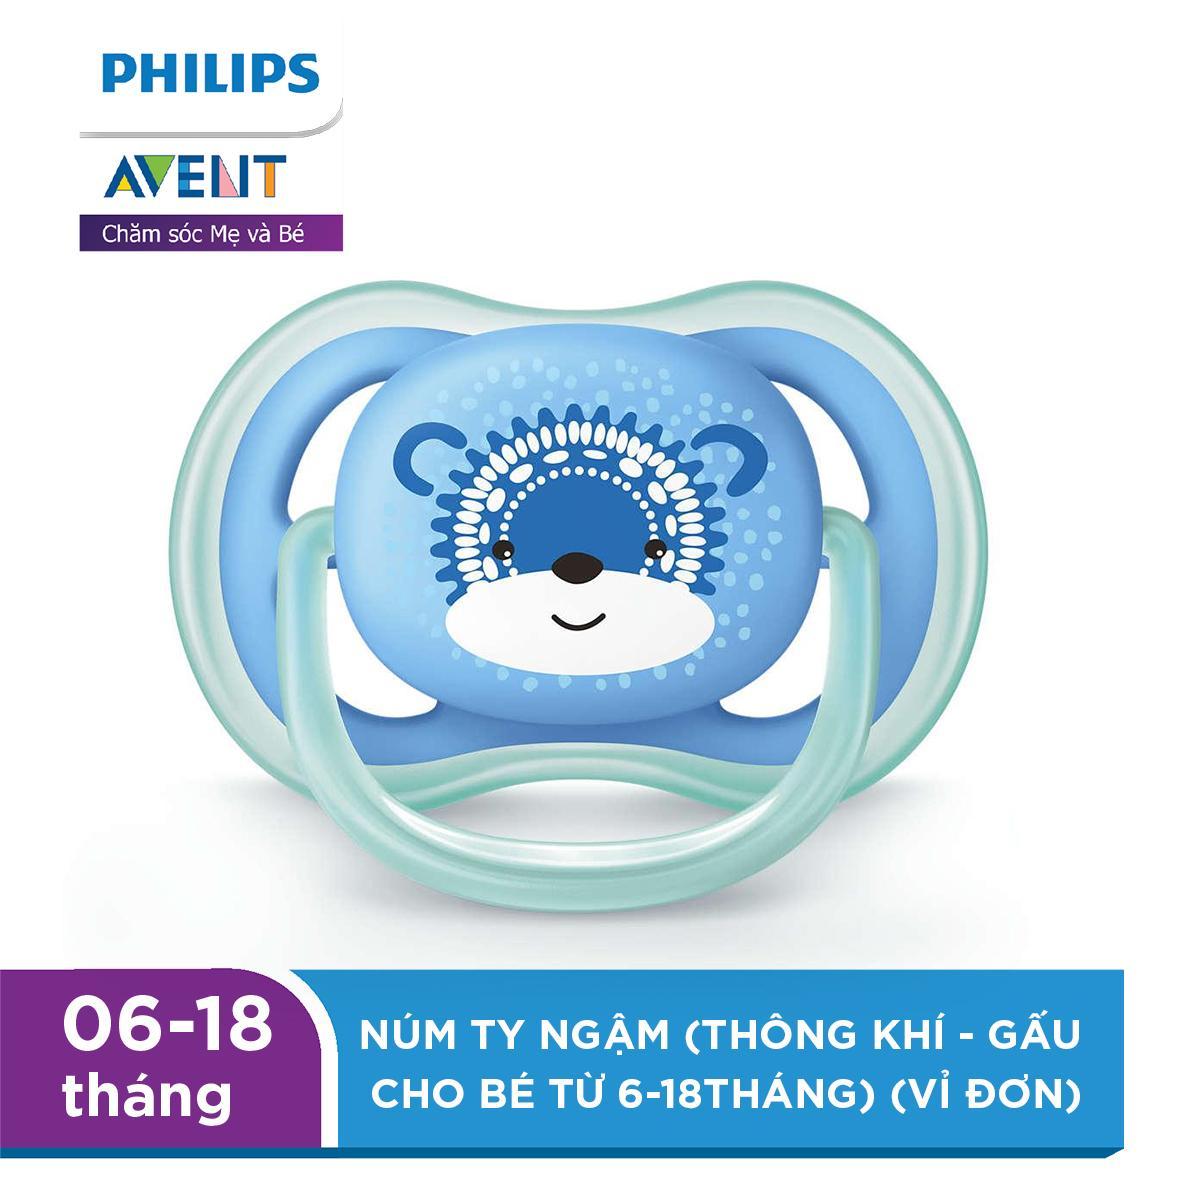 Núm ty ngậm Philips Avent (thông khí - Gấu cho bé từ 6-18Tháng) (vỉ đơn) SCF542/12